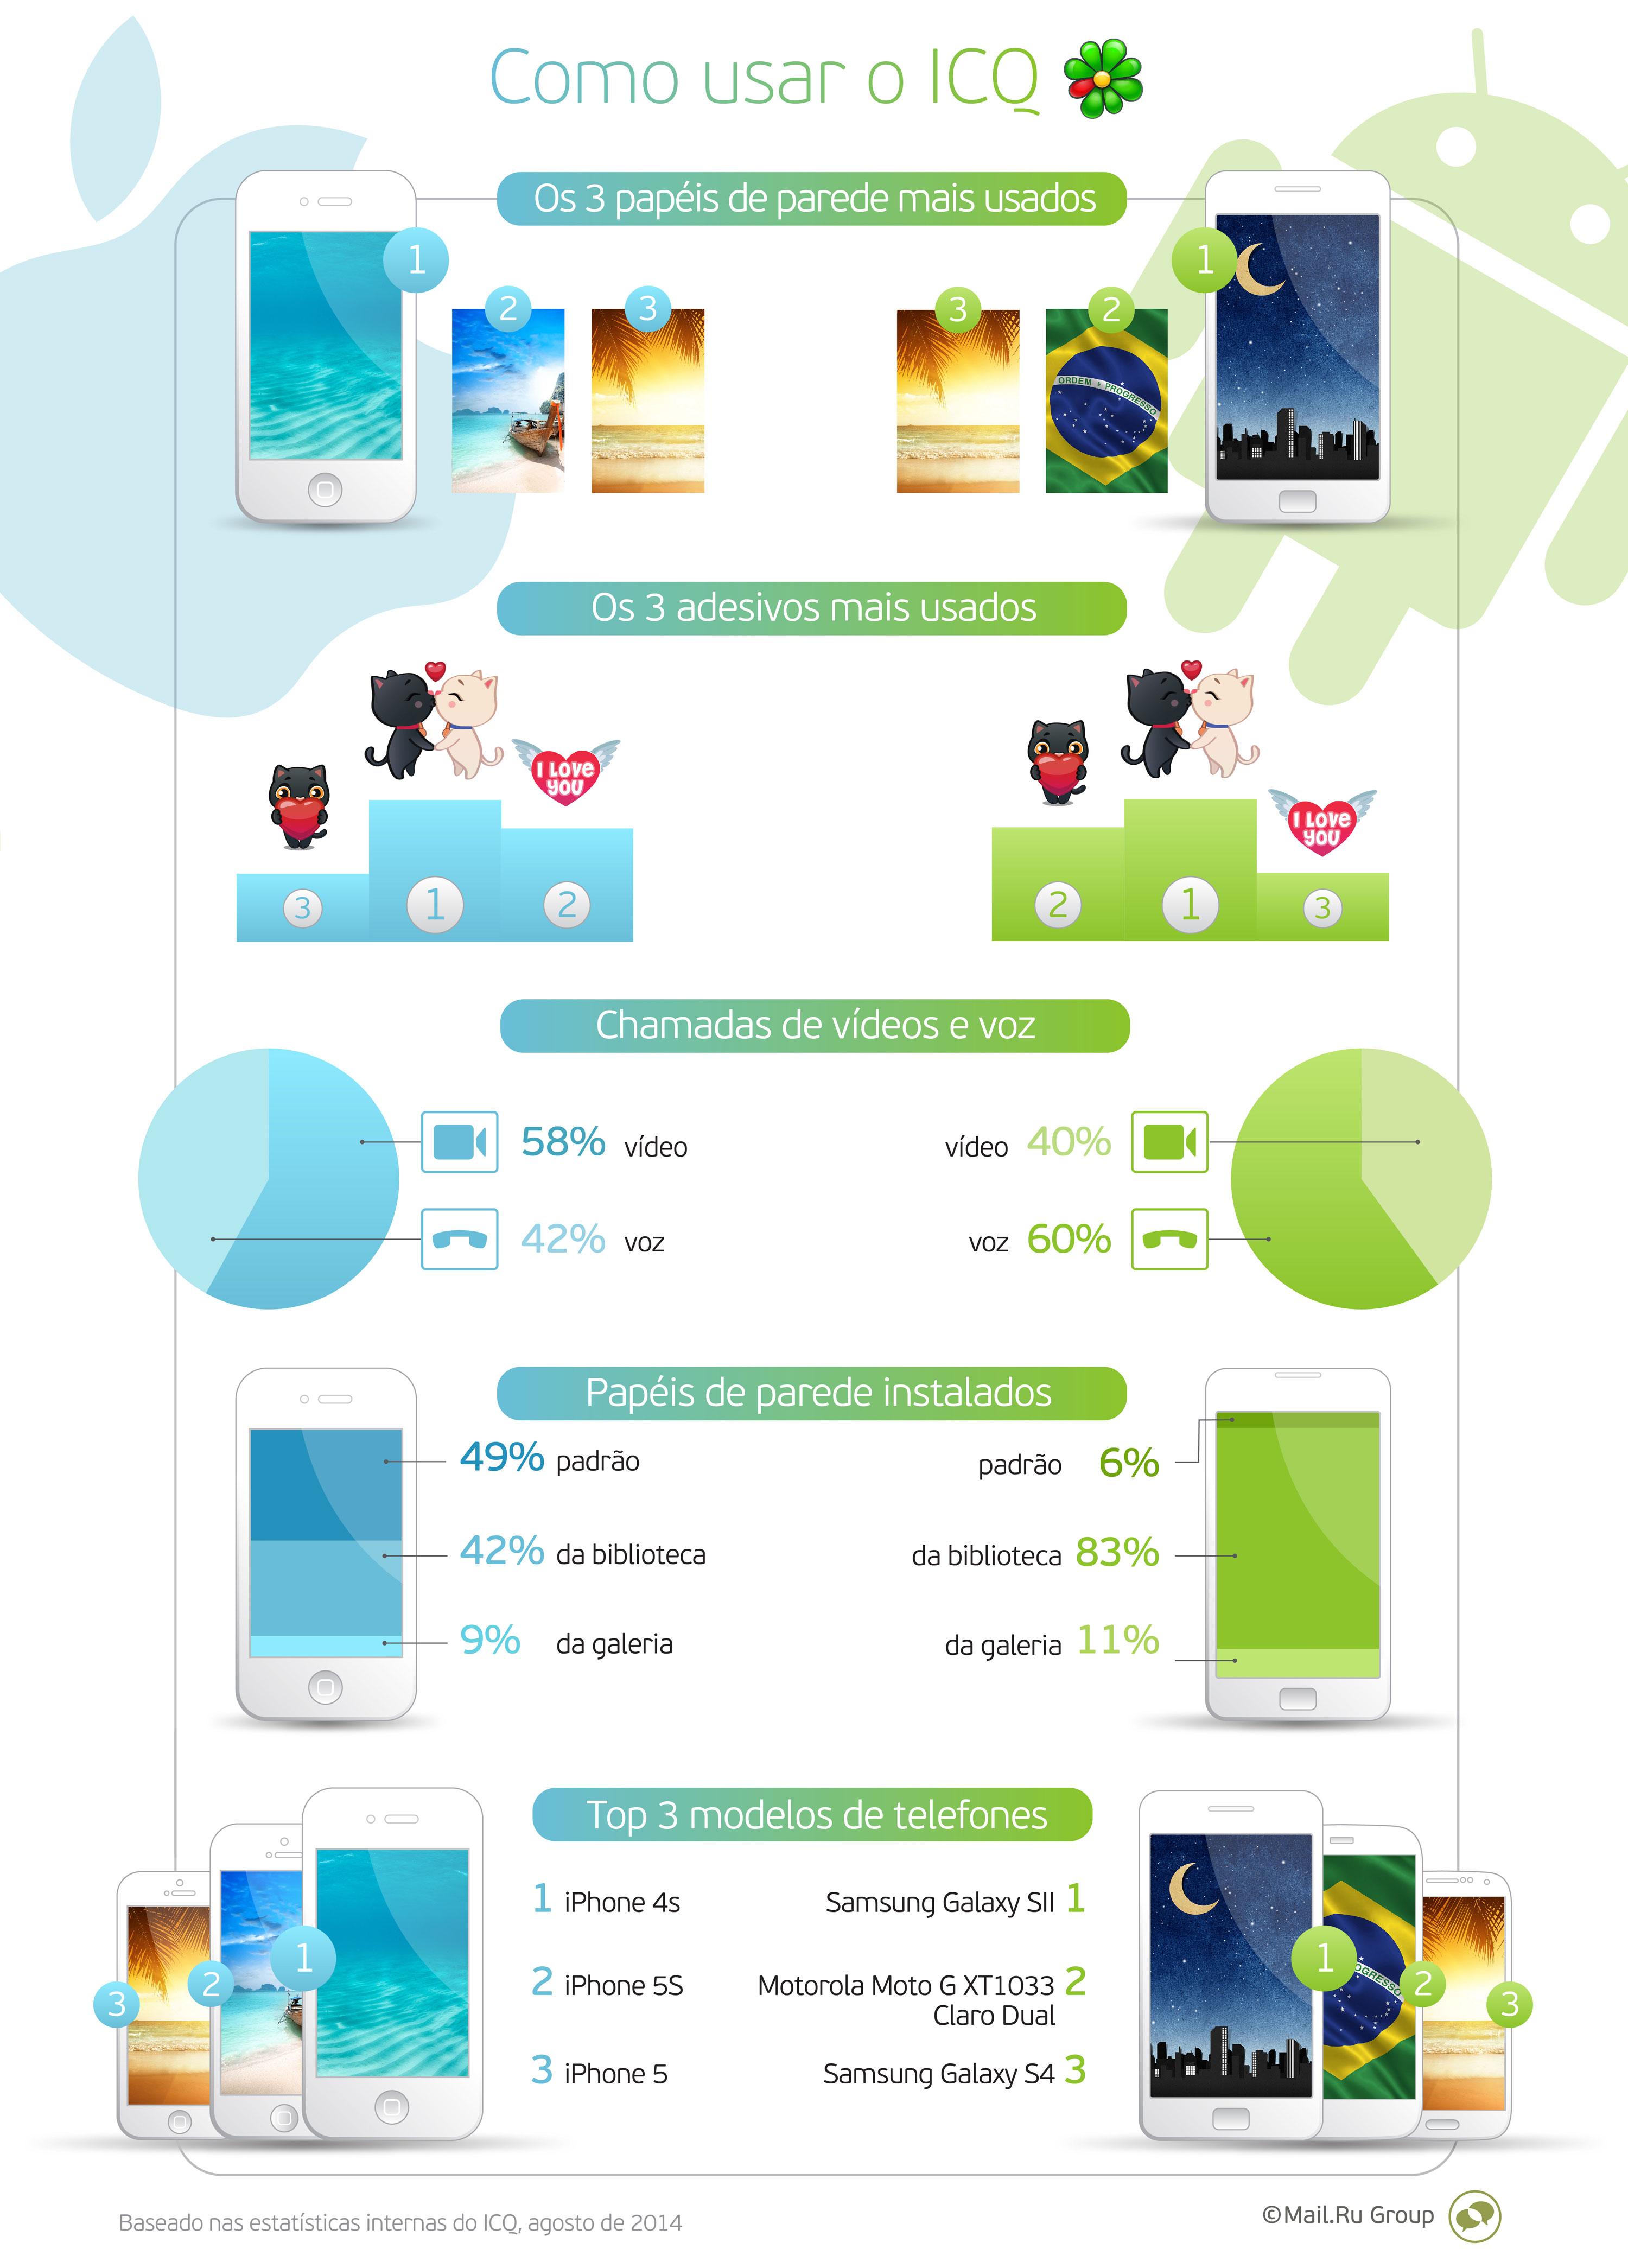 Infográfico mostra hábitos de usuários de iPhone e Android no ICQ